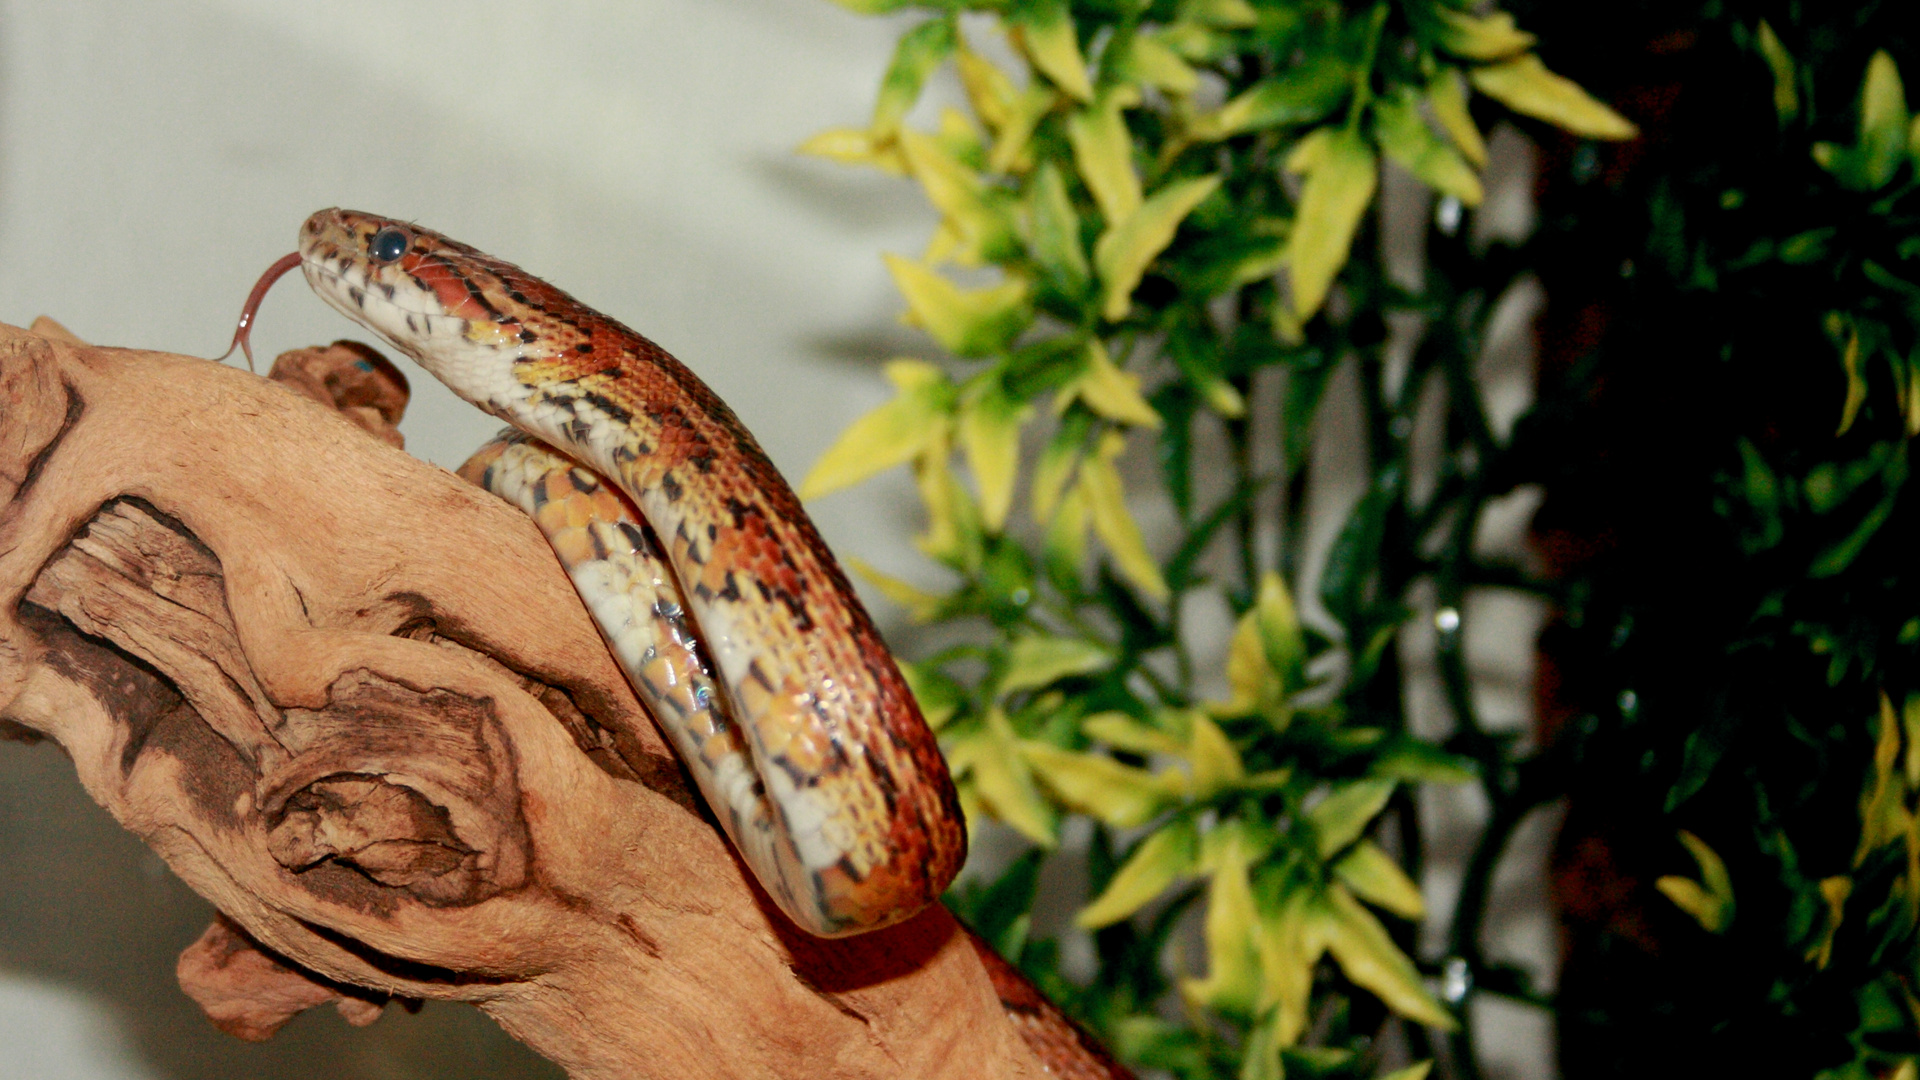 Kornnatter auf Nahrungssuche (Pantherophis guttatus)